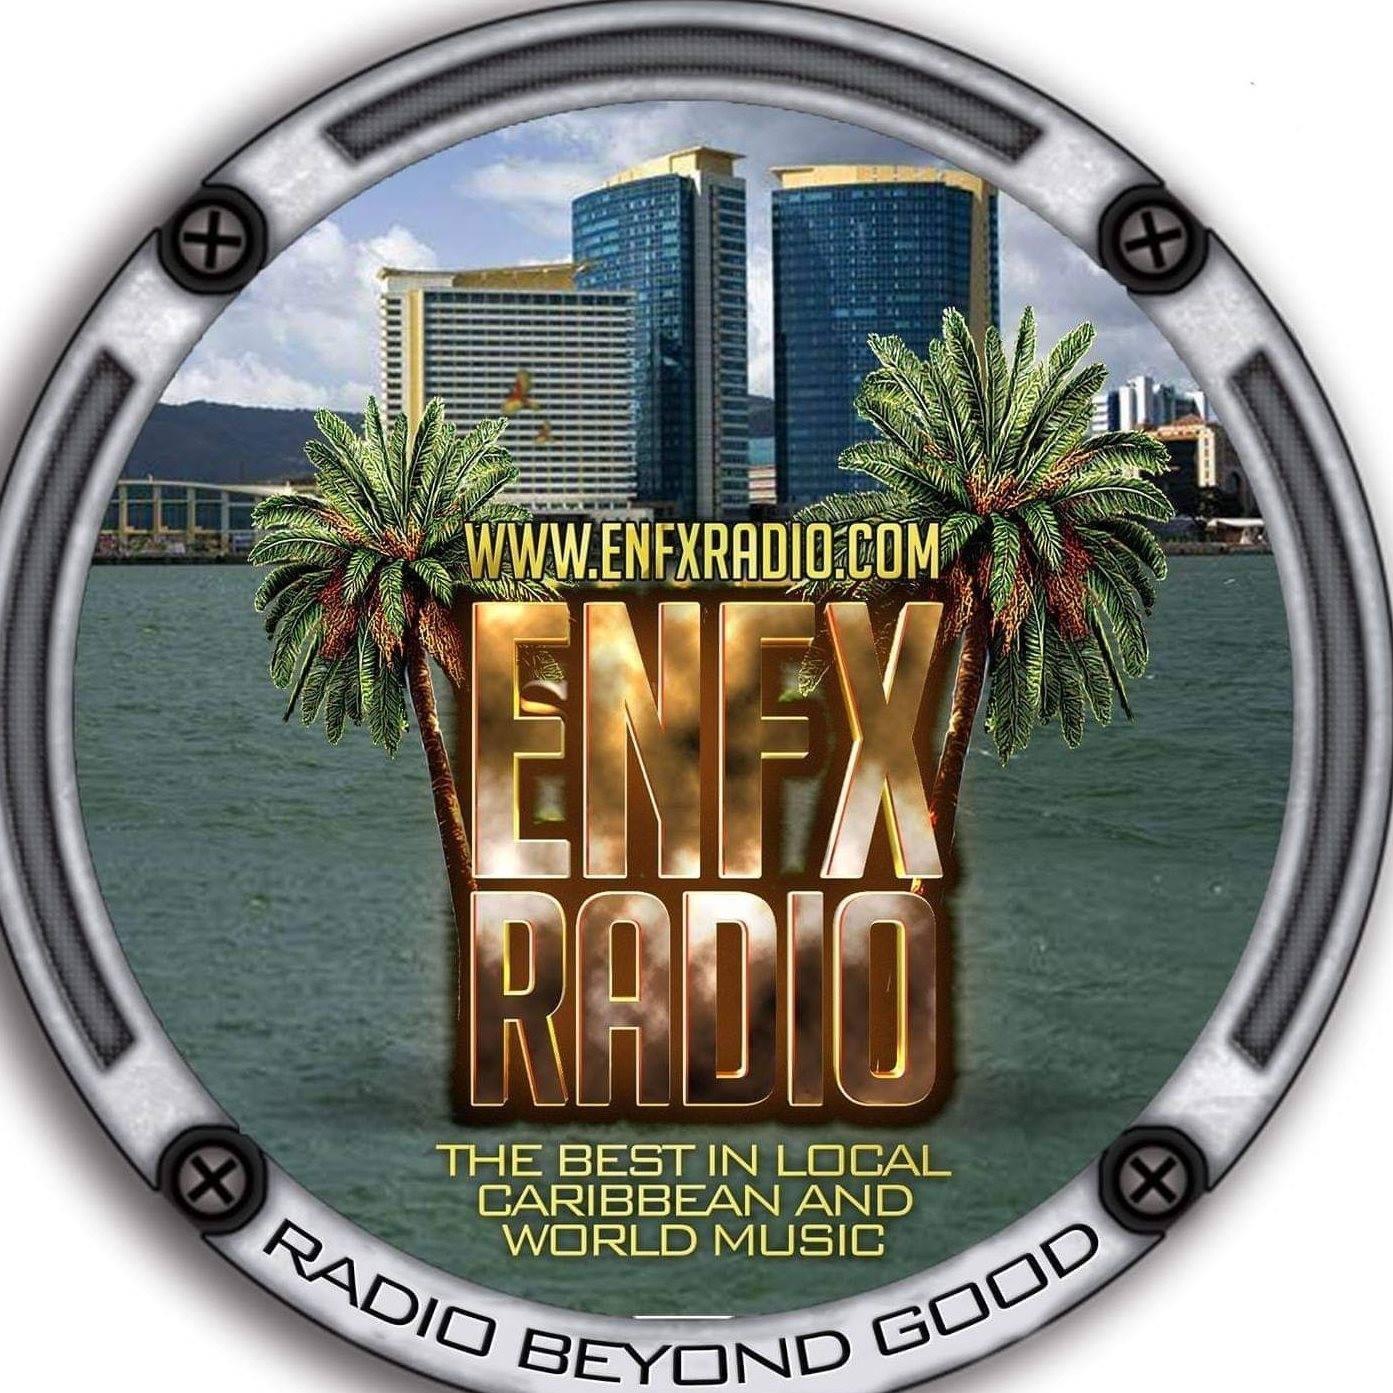 Радио eNFX Radio Тринидад и Тобаго, Чагуанас